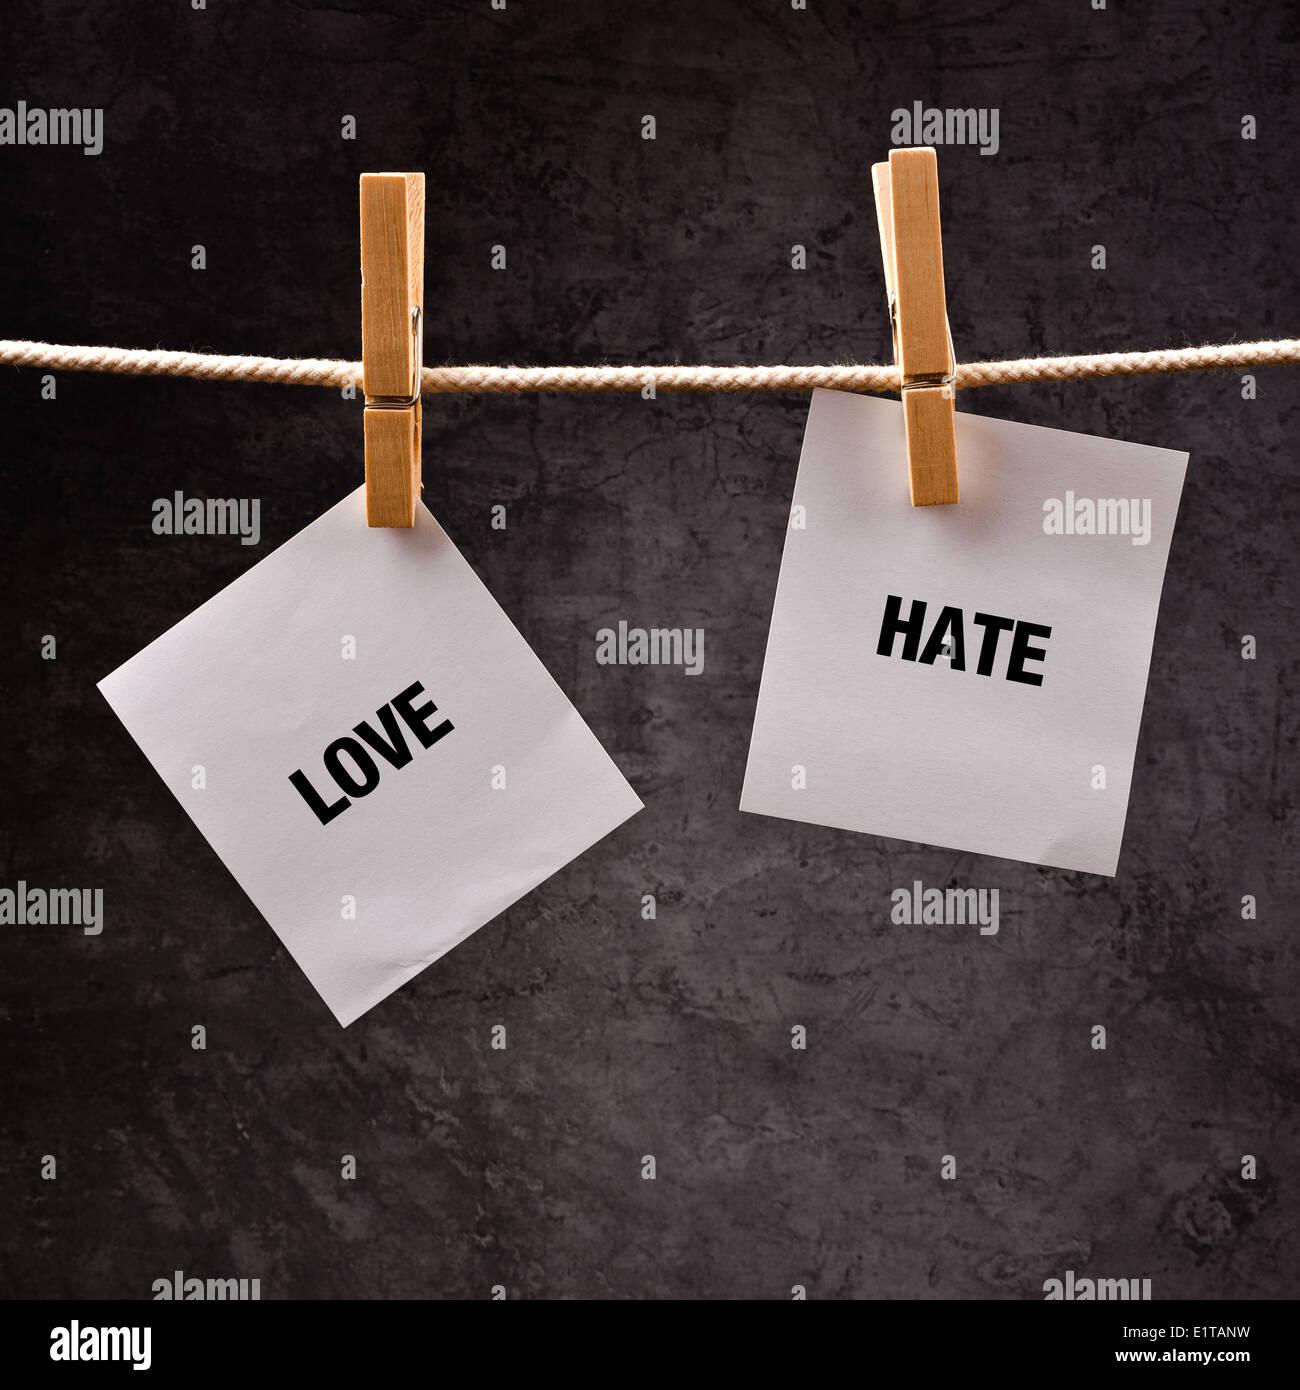 Amore o odio immagine concettuale. Scegliere tra amare e odiare, parole stampate su carta hote attaccato a stendibiancheria. Immagini Stock